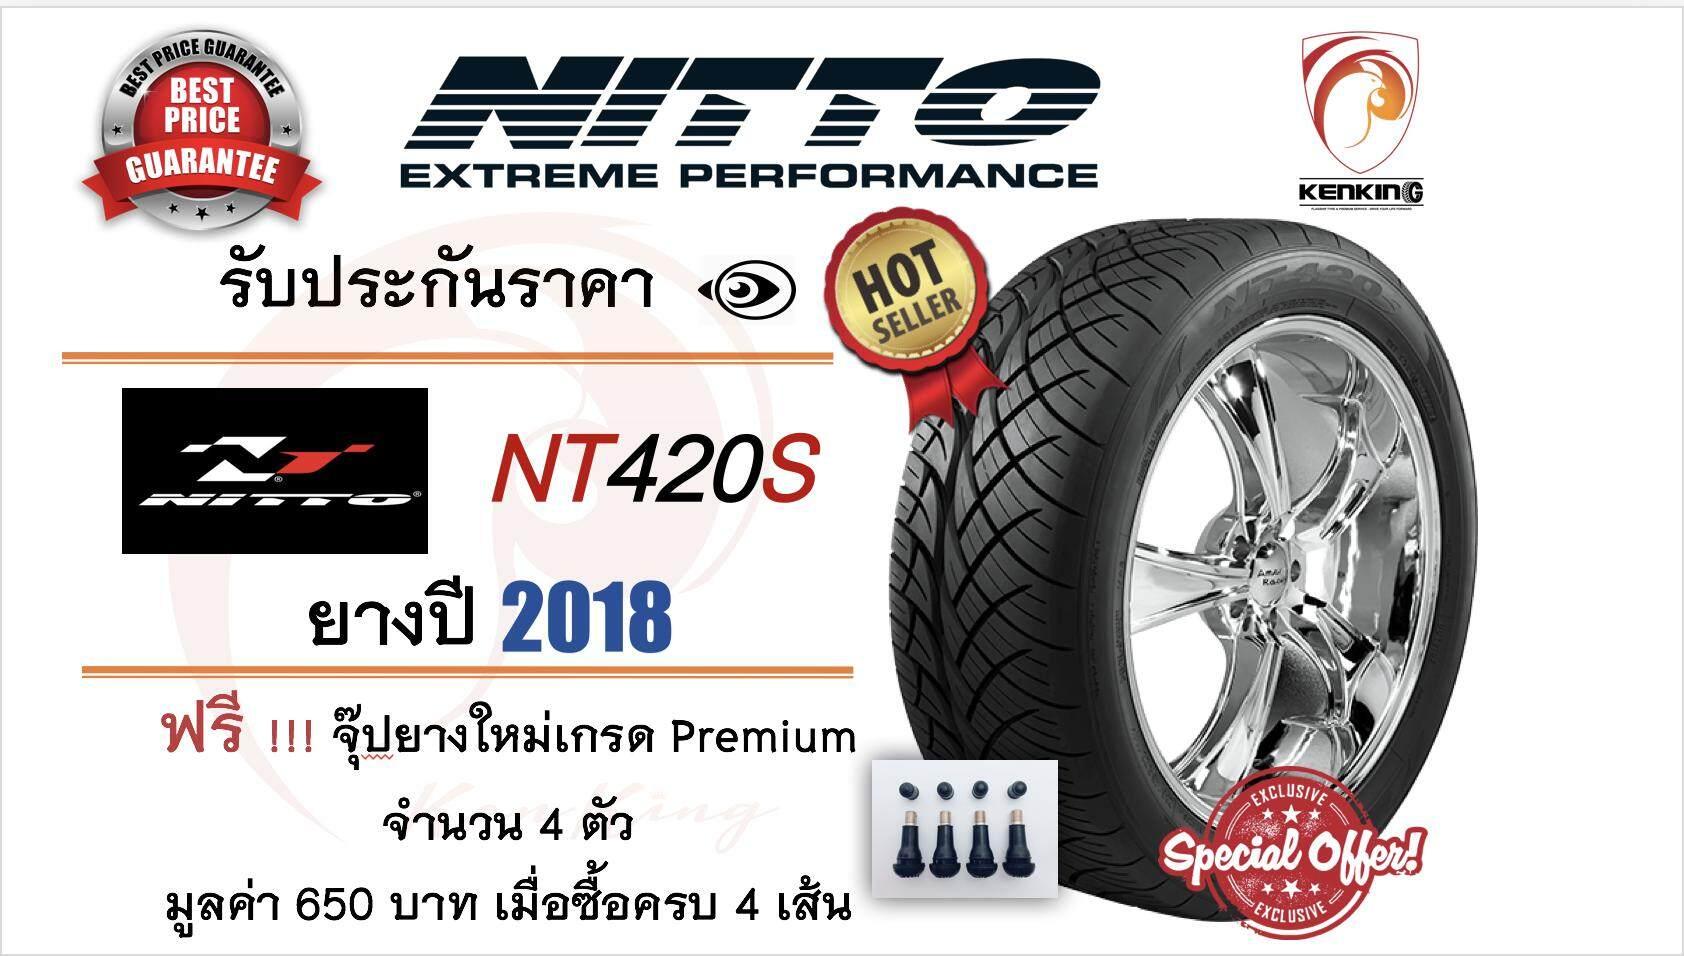 ภูเก็ต Nitto นิโต๊ะ 265/50 R20 NEW!! 2018 รุ่น 420S (Best Price Super Deal!!!) จำนวน 1 เส้น